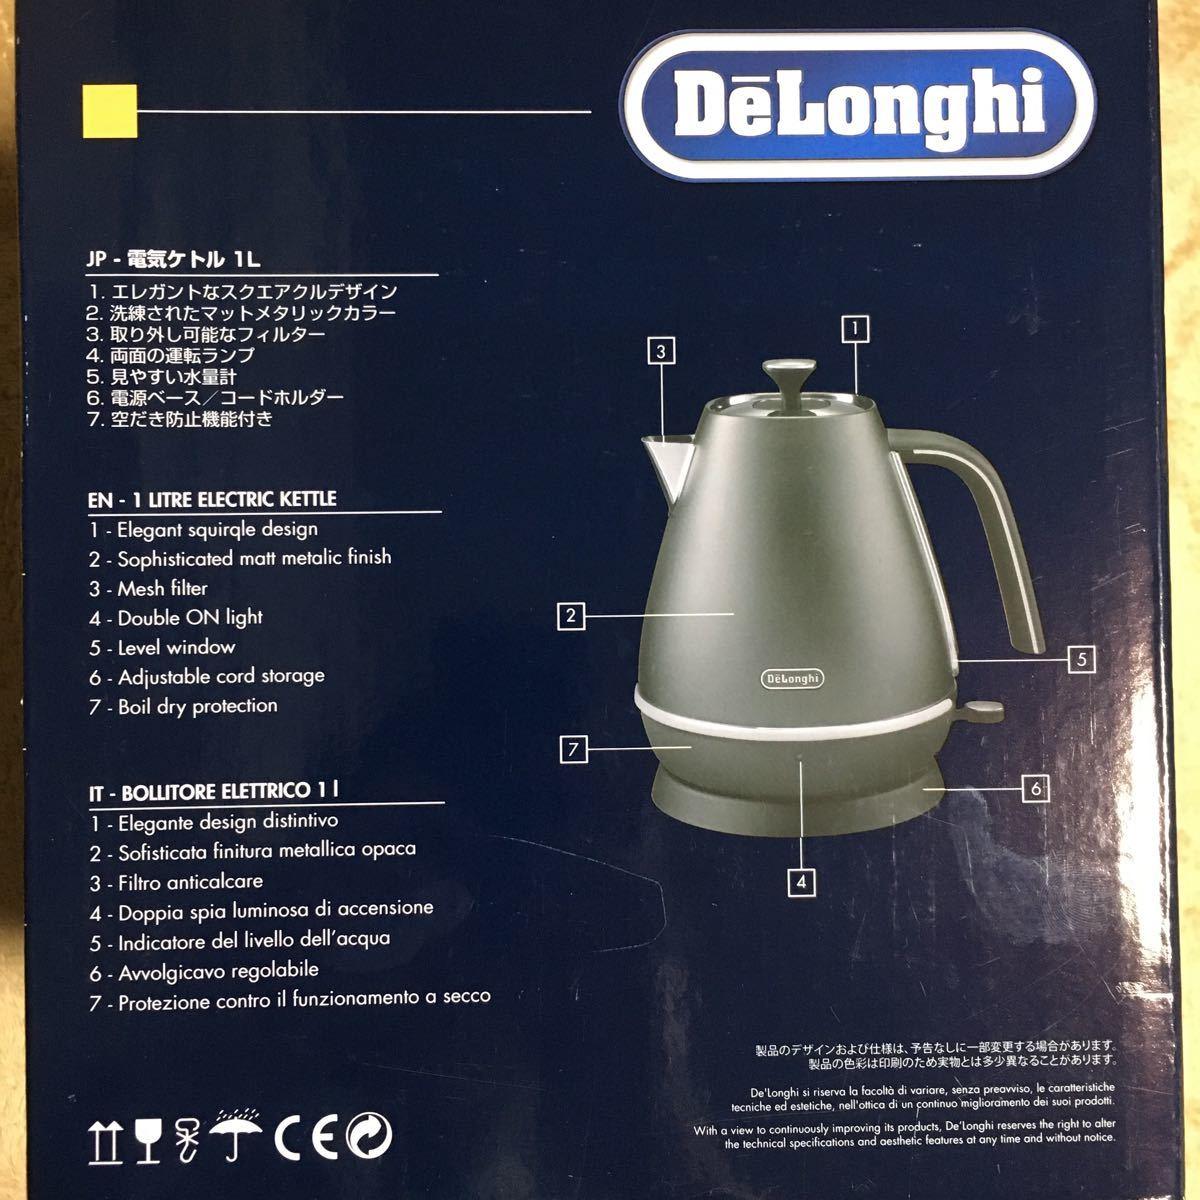 【新品】デロンギ 電気ケトル KBI1200J-BK (エレガンスブラック)